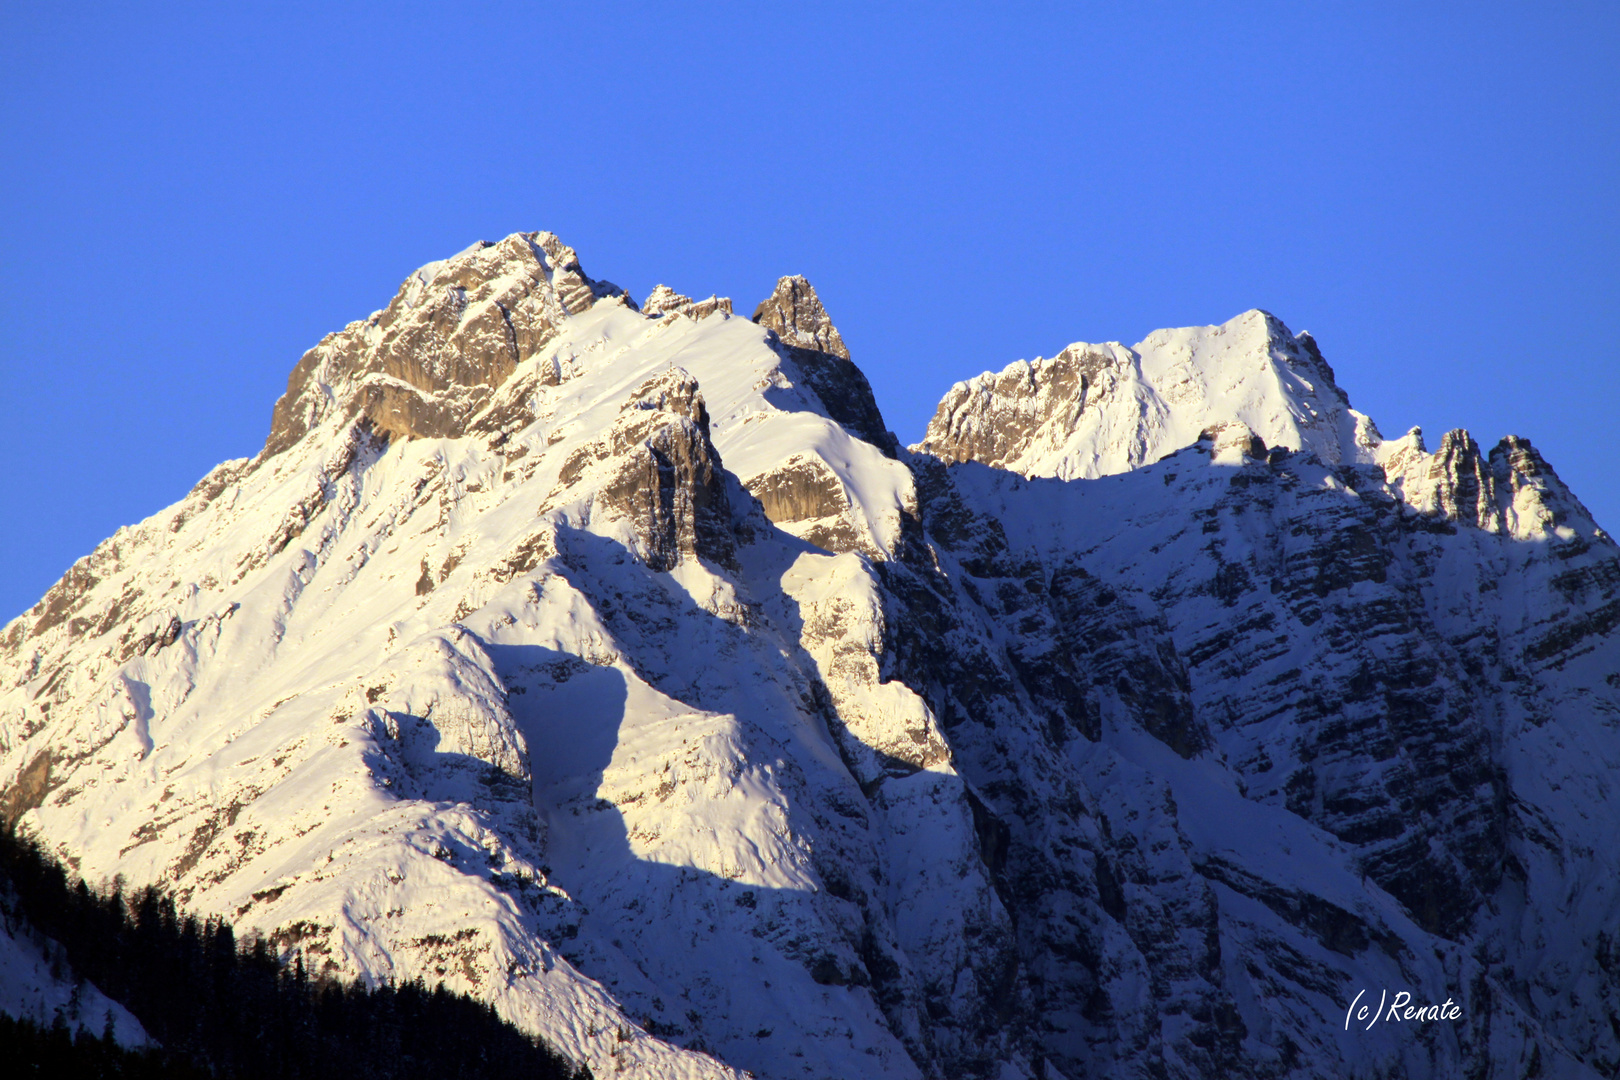 Sonnige Berge am frühen Morgen